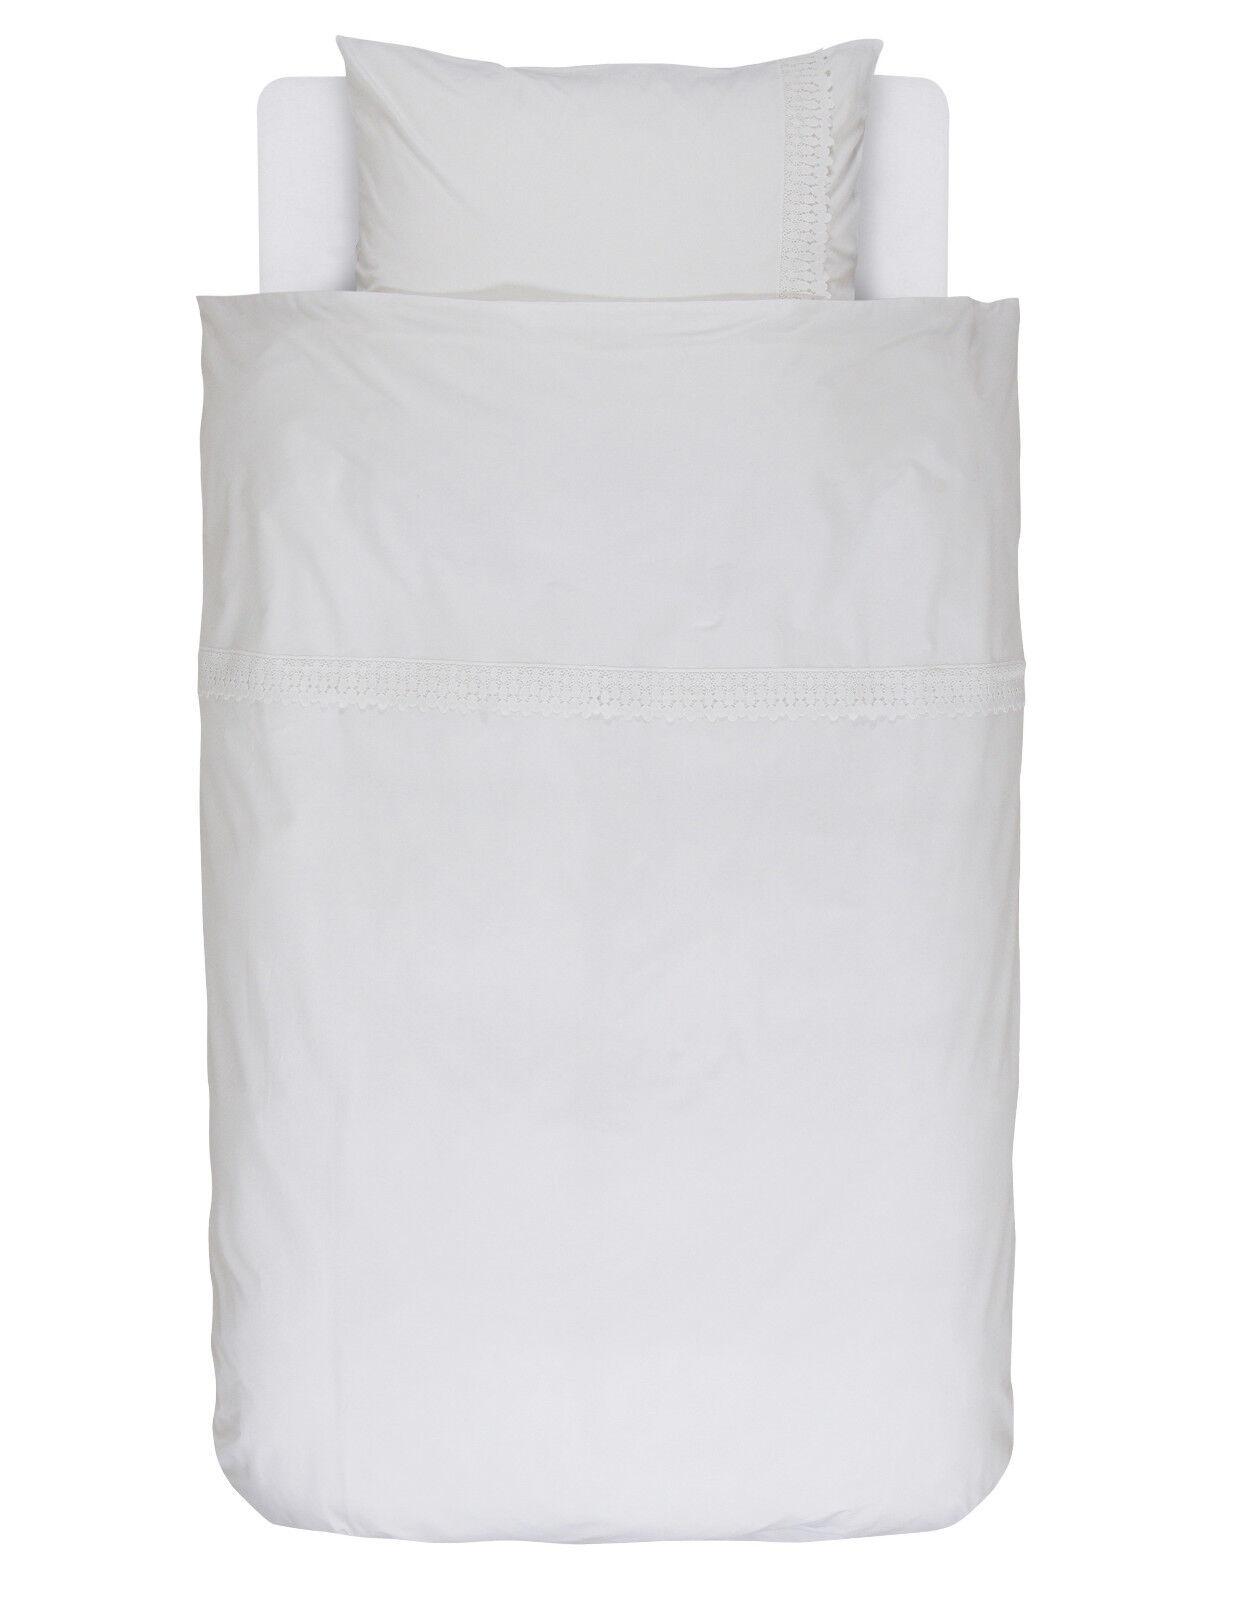 Essenza Bettwäsche Ems Weiß 135 155 200 Premium Baumwolle Baumwolle Baumwolle Perkal Uni mit Spitze 9d15fb